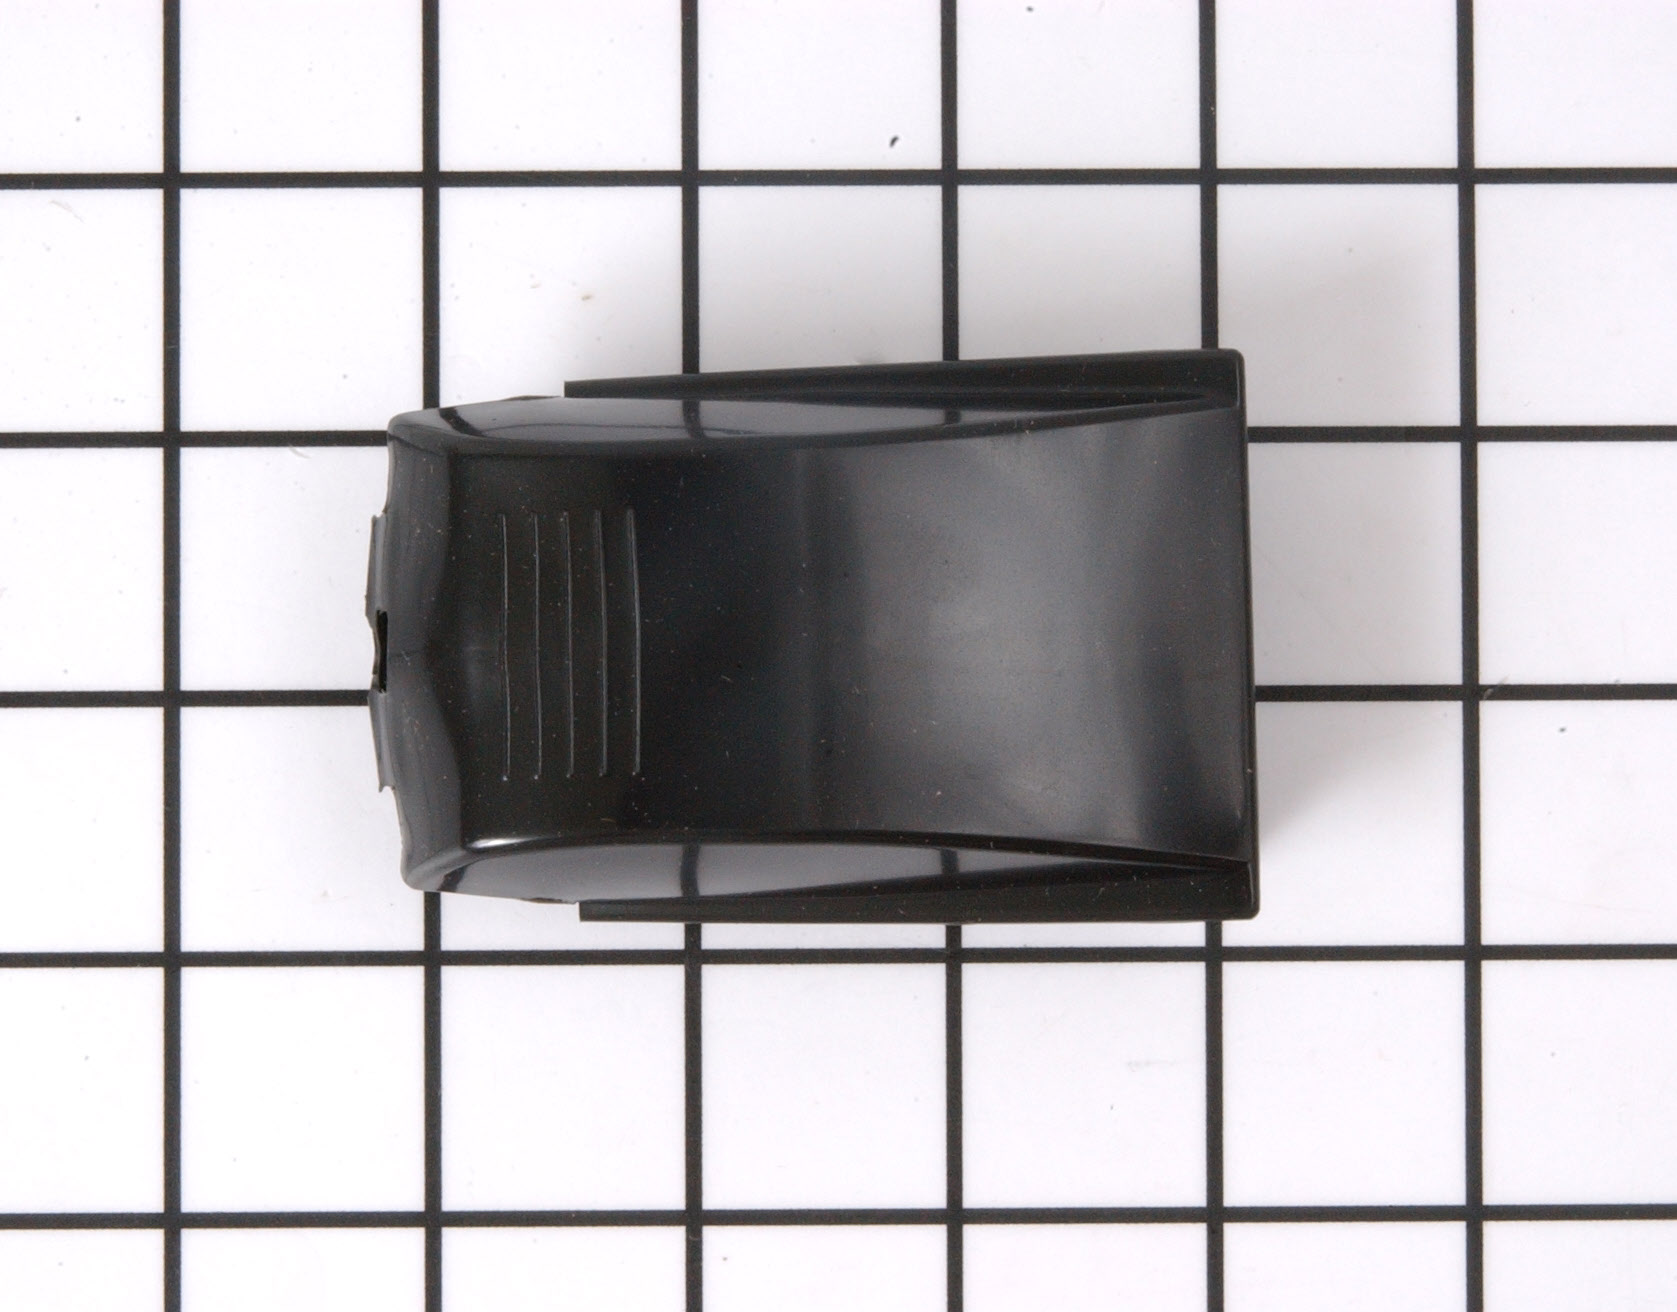 Magic Chef Refrigerator Part # 61003804 - Dispenser Actuator